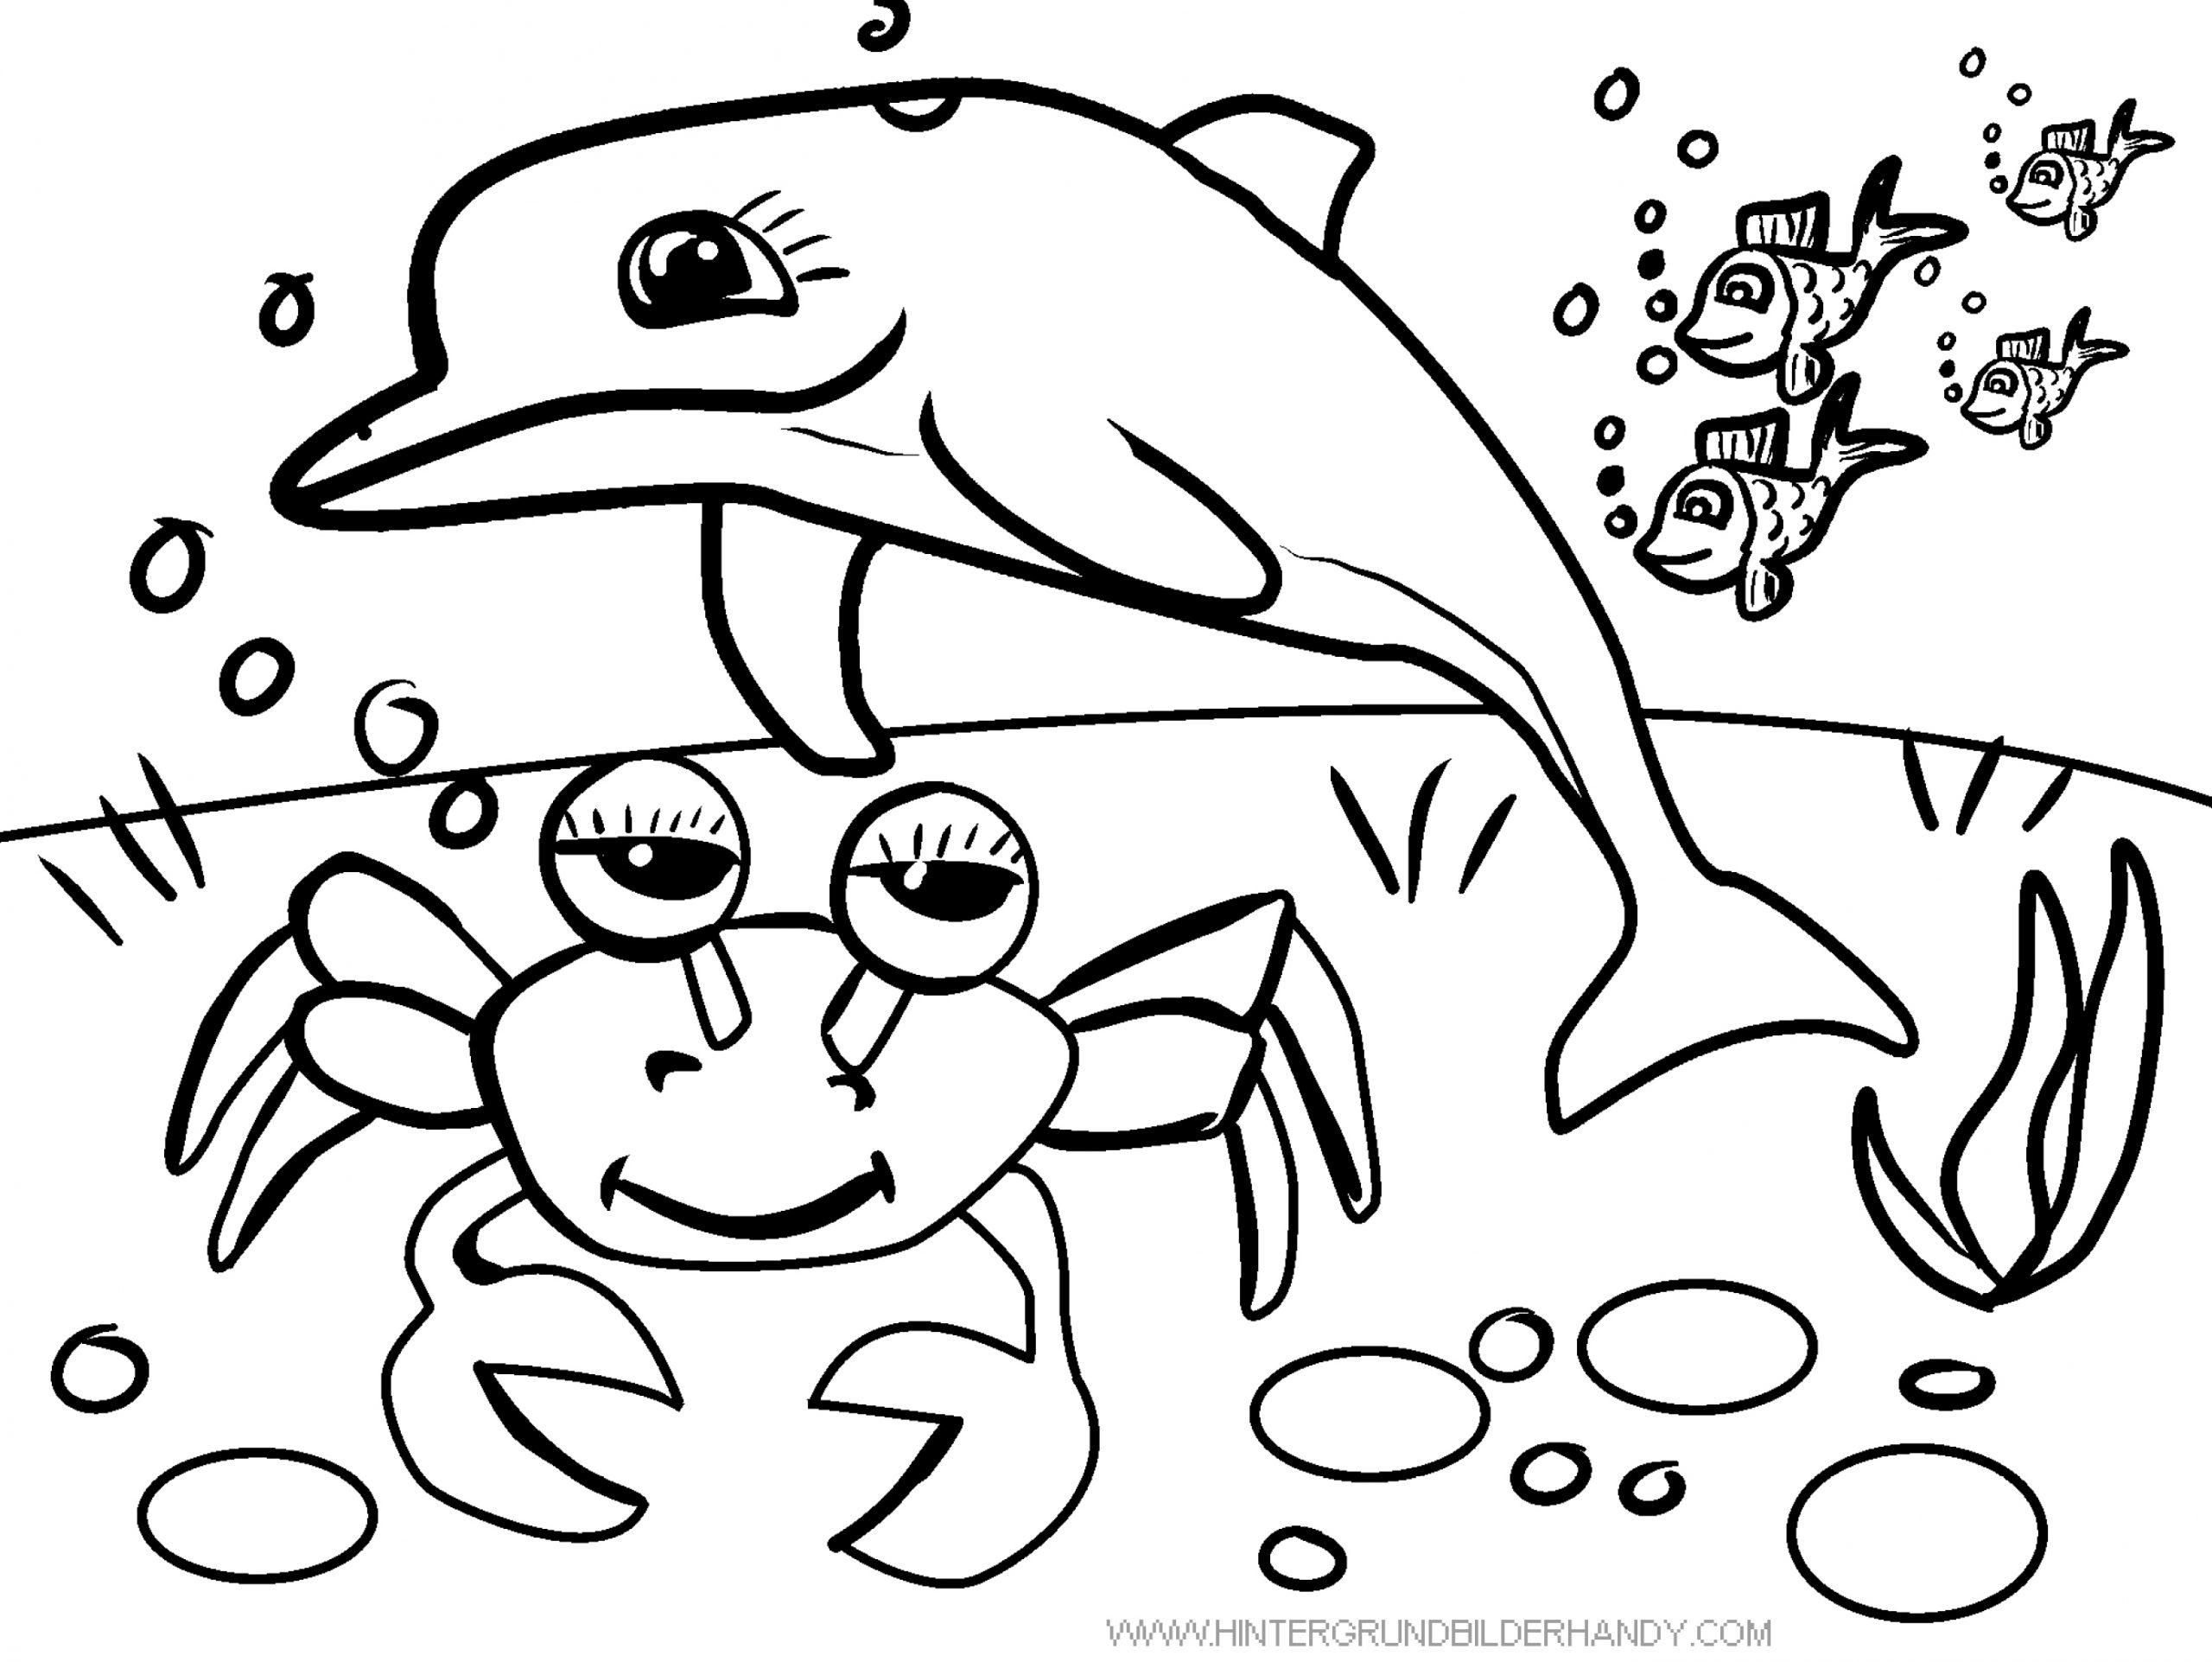 ausmalbilder unterwasserwelt - kinderbilder.download